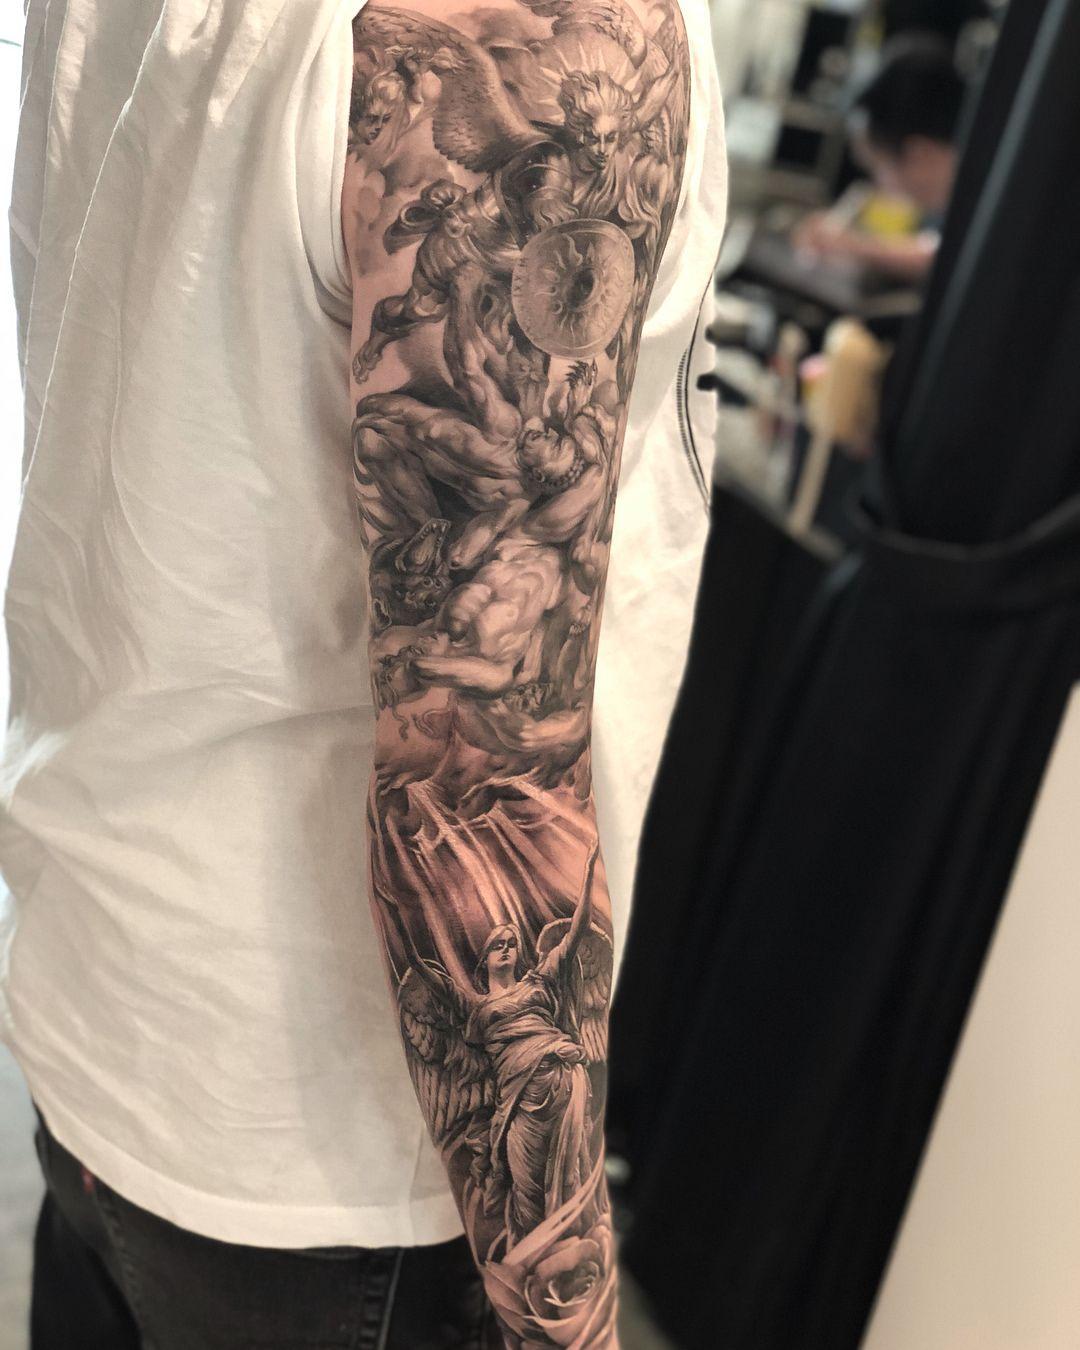 Pin By Daniel Wiggins On Tattoo In 2020 Writing Tattoos Leg Tattoo Men Best Sleeve Tattoos